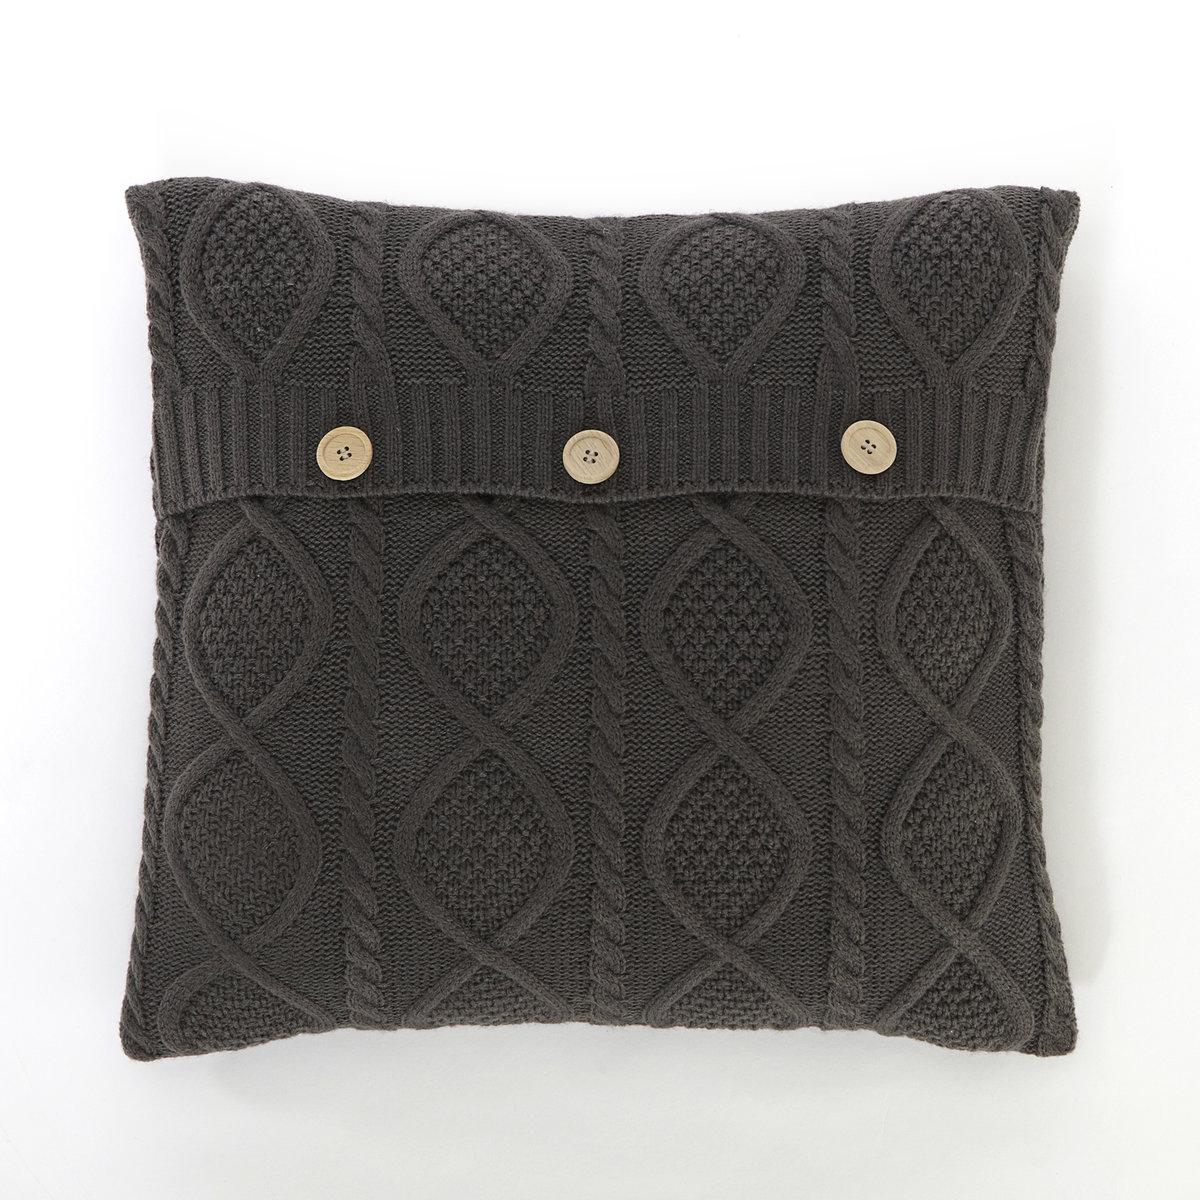 Чехол на подушку AkerХарактеристики чехла на подушку Aker:- Вязаный косами трикотаж, 100% акрила.- Застежка на 2 деревянные пуговицы.- Стирка при 30°.<br><br>Цвет: антрацит